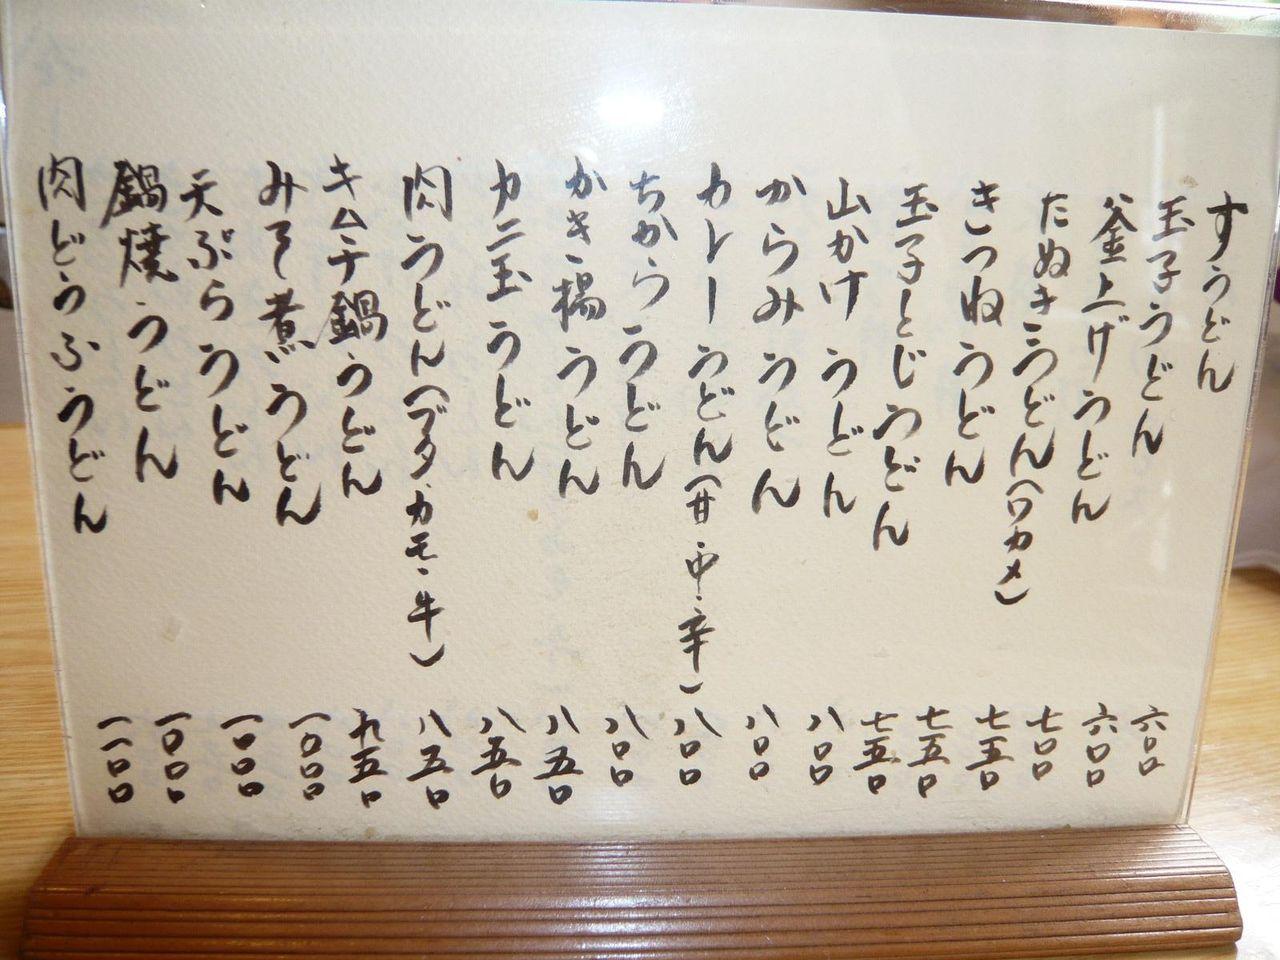 温かいメニュー(21年8月現在)